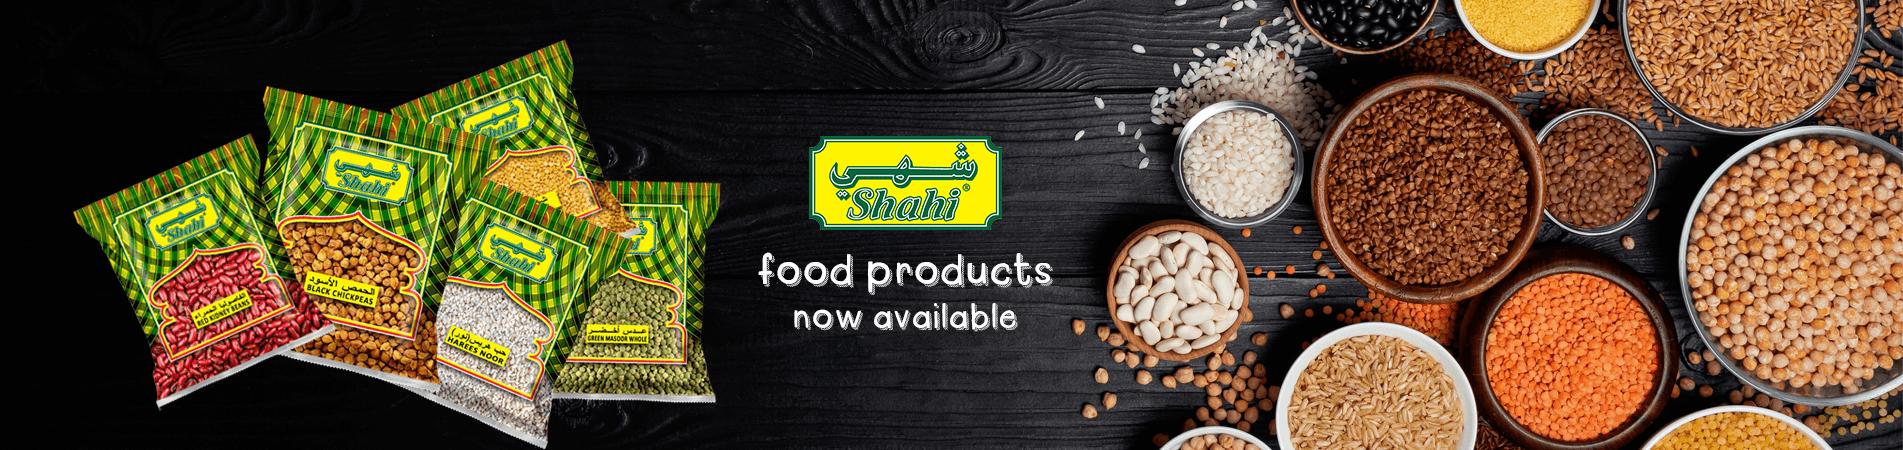 https://bazaar.om/groceries/psh.html